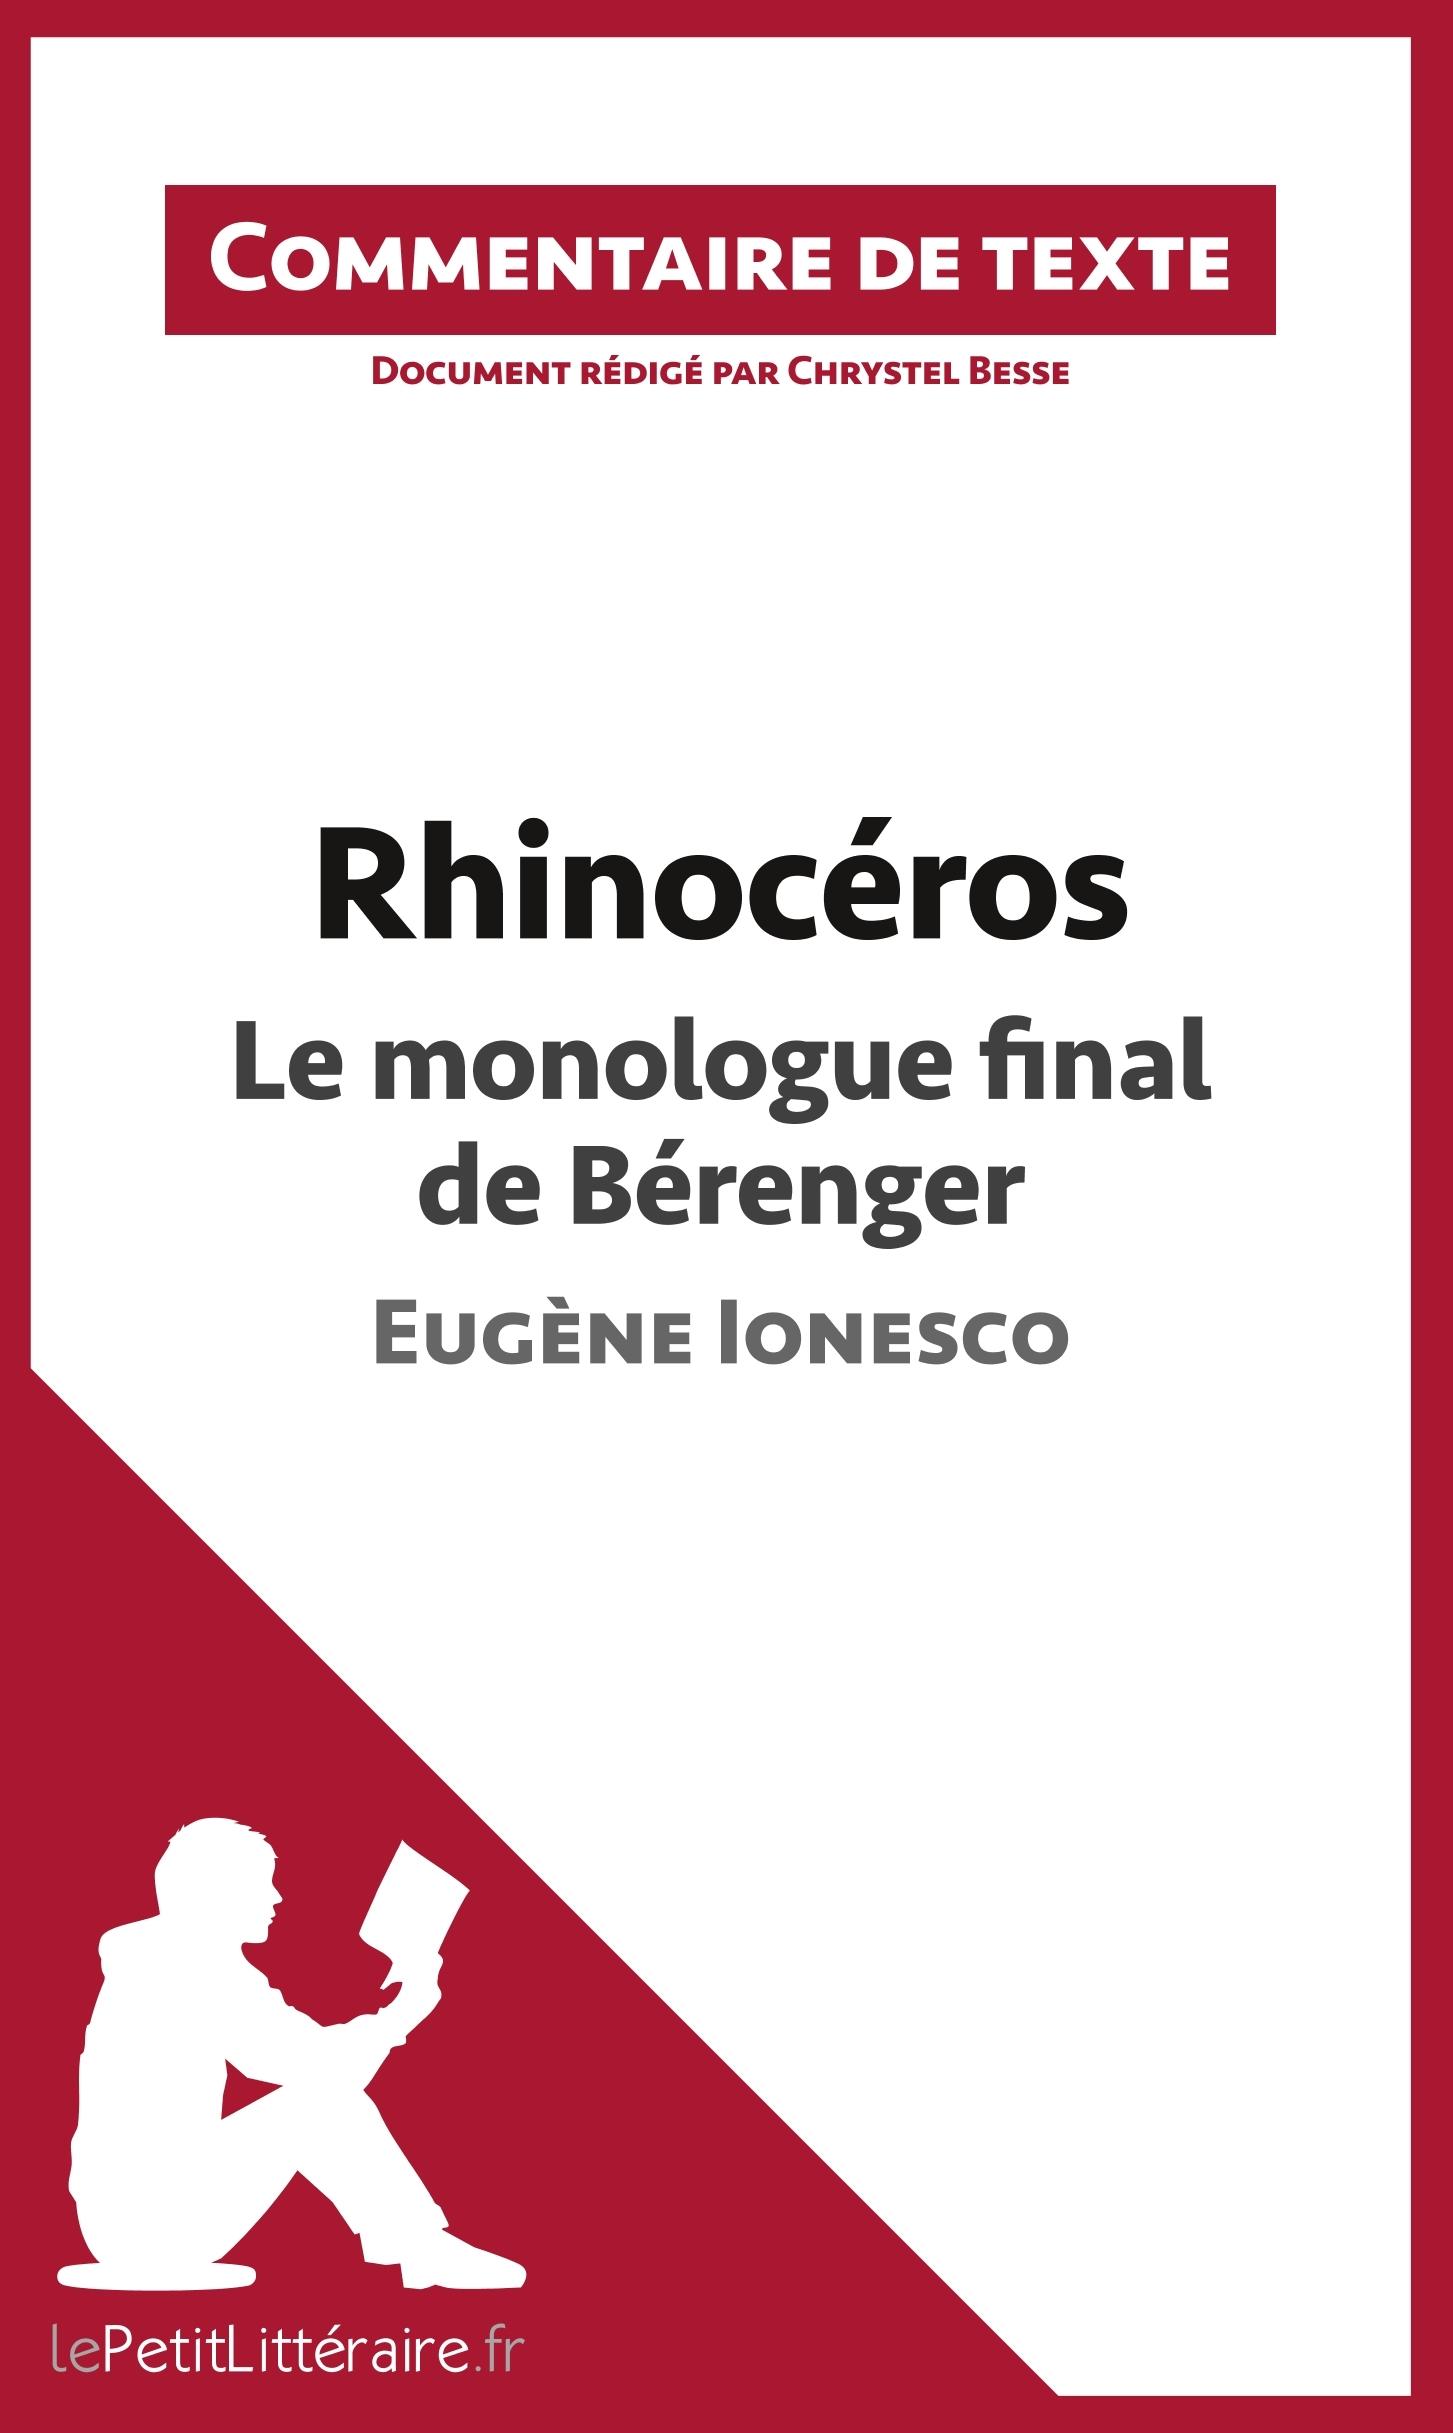 COMMENTAIRE COMPOSE RHINOCEROS DE IONESCO LE MONOLOGUE FINAL DE BERENGER